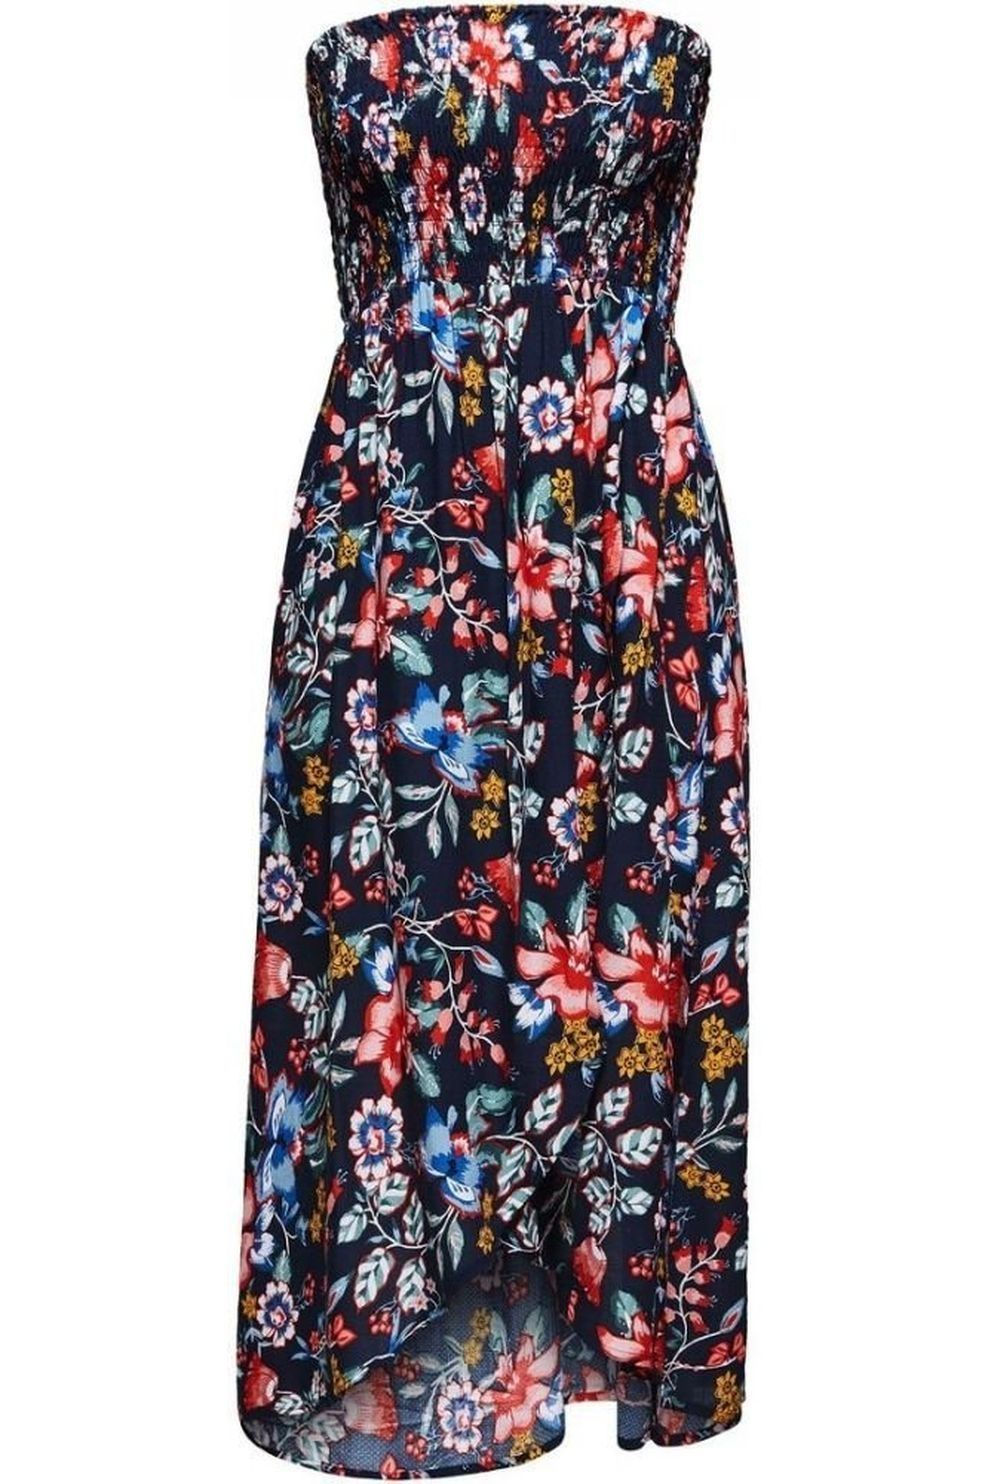 Esprit Jurk Jasmine Beach Tube Dress Smock voor dames - Blauw - Maat: M